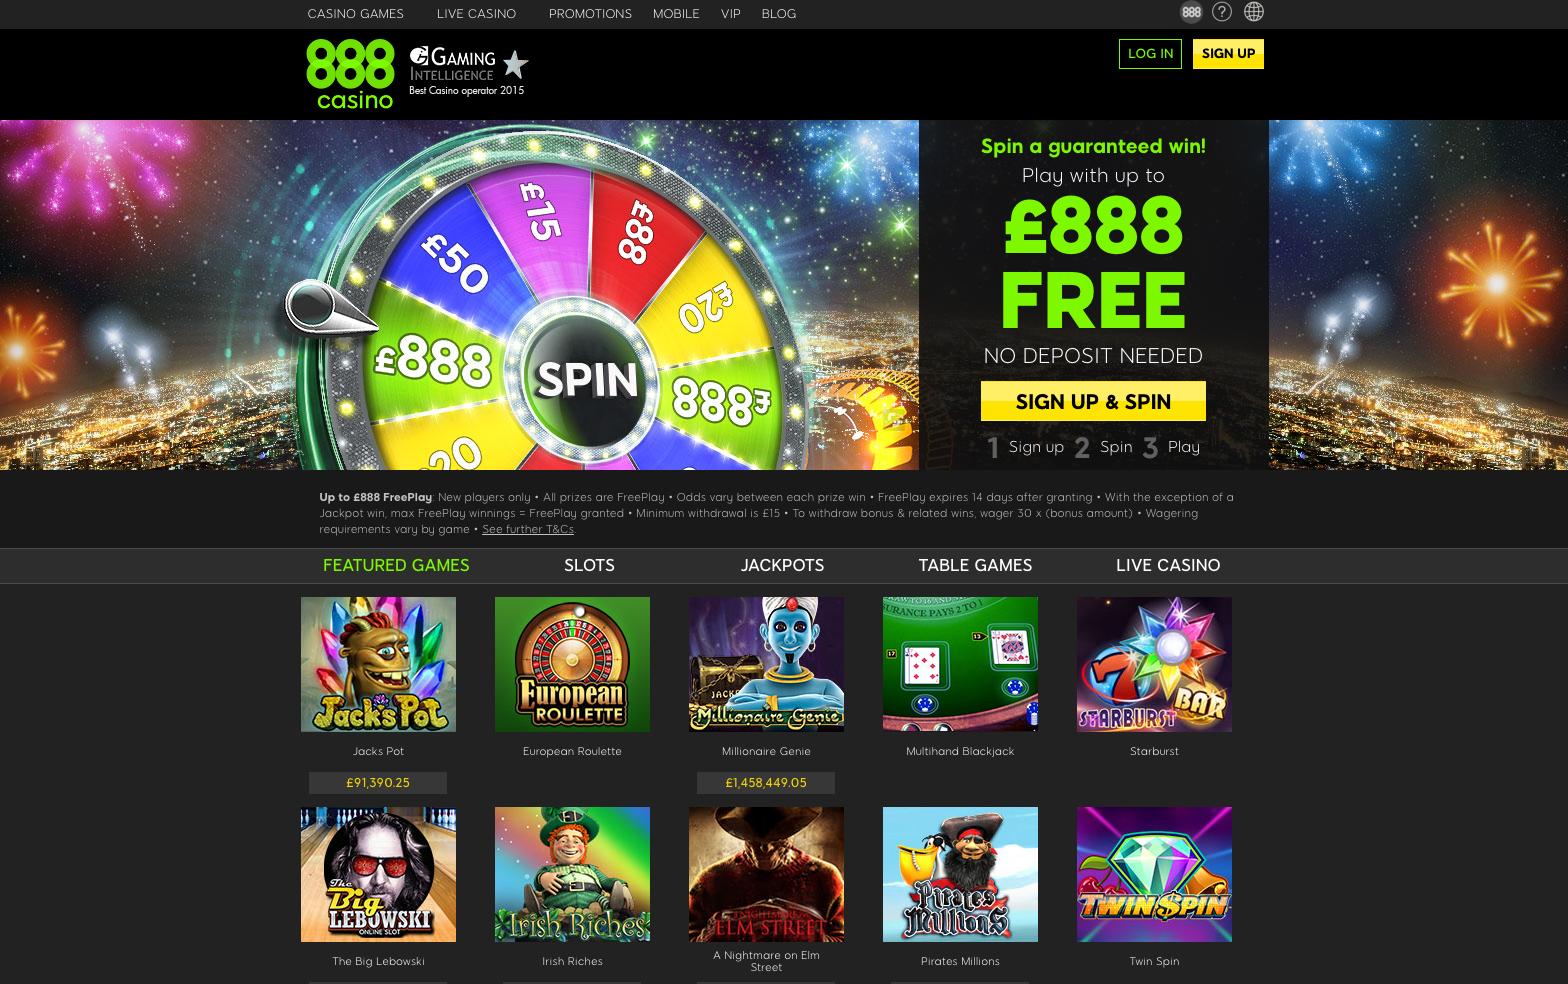 Net Casino 888